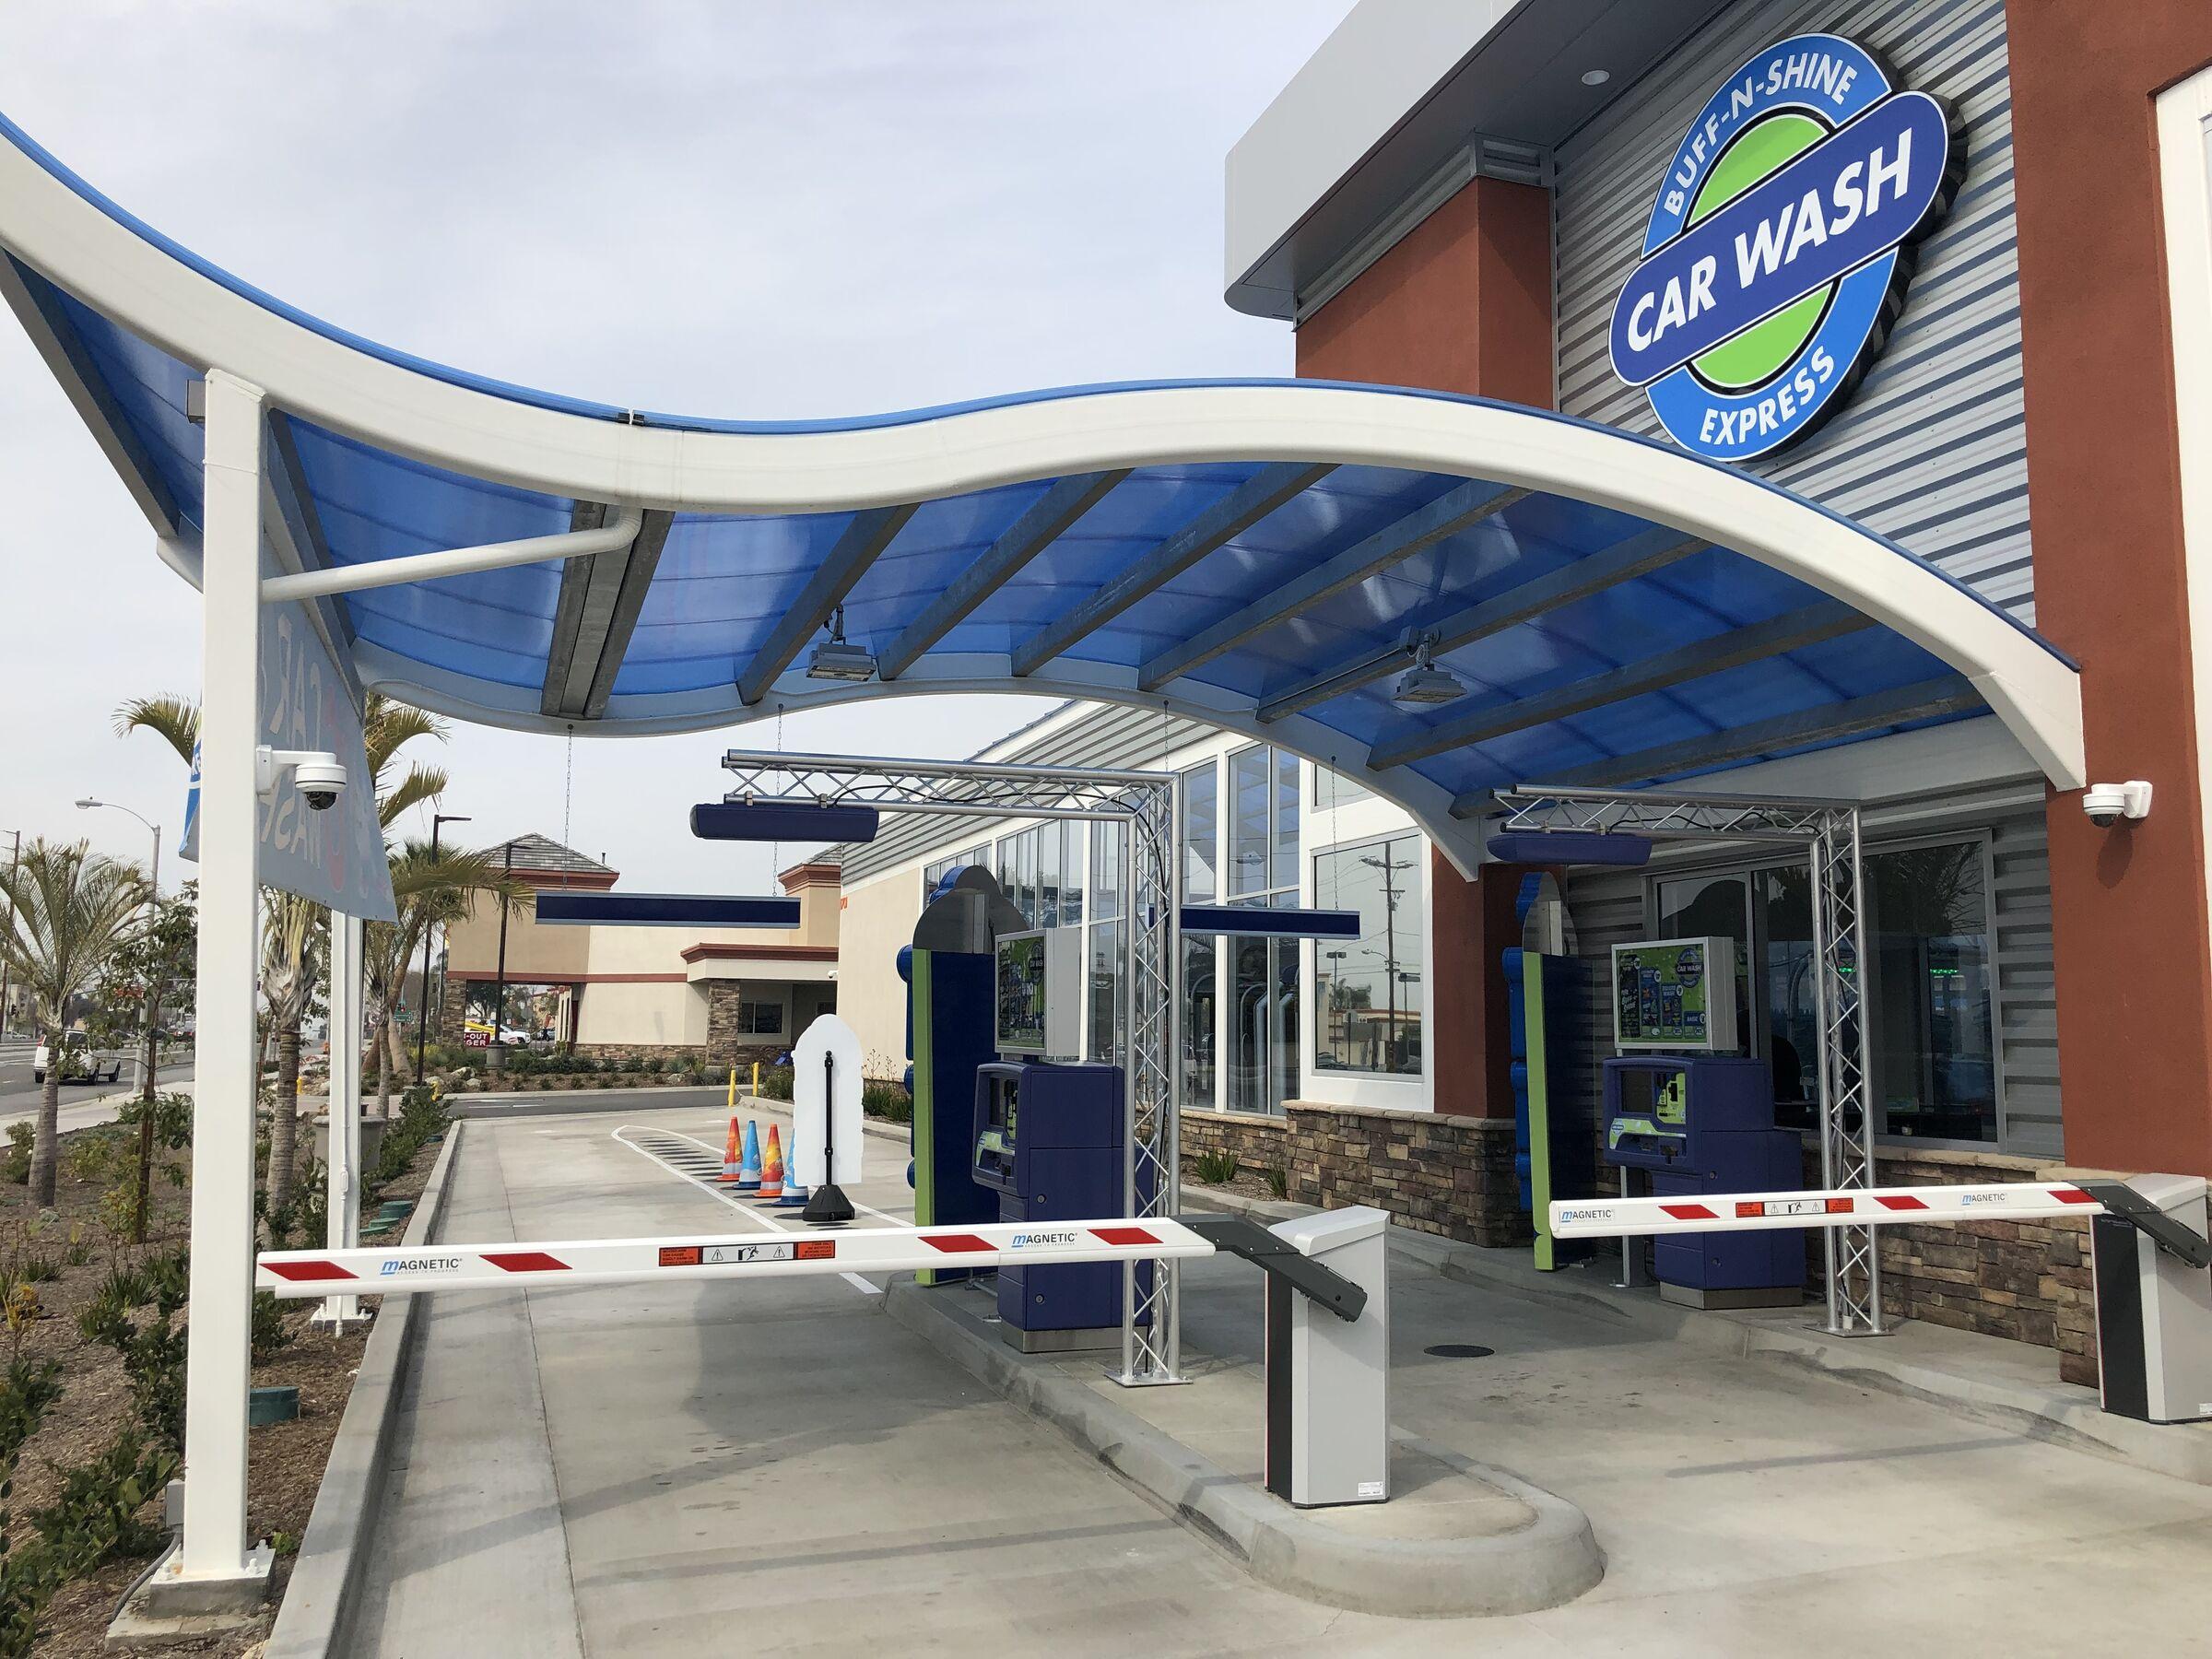 Buff-N-Shine Car Wash Roof & Entrance | Polygal USA | Archello